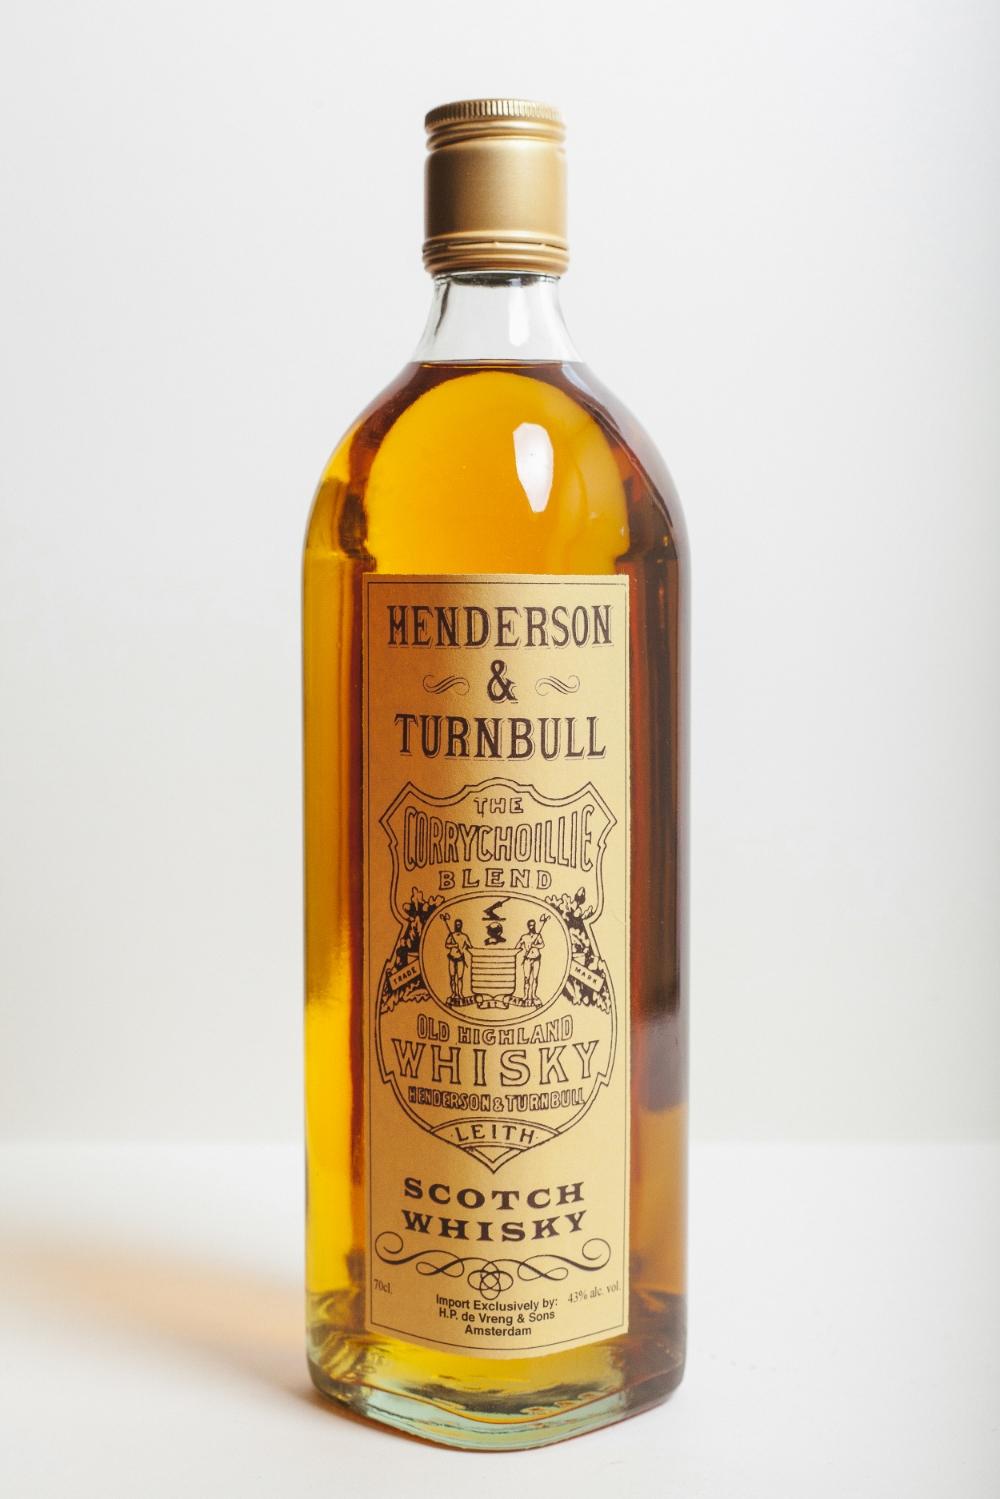 SCOTCH BLENDED WHISKY Henderson & Turnbull Een ouderwetse blended whisky met een mooi aroma en een zachte afdronk. Gebottled op de klassieke sterkte van 43% vol. alc.De oorspronkelijke sterkte voor mooie Scotch. 700ml.€ 17,95